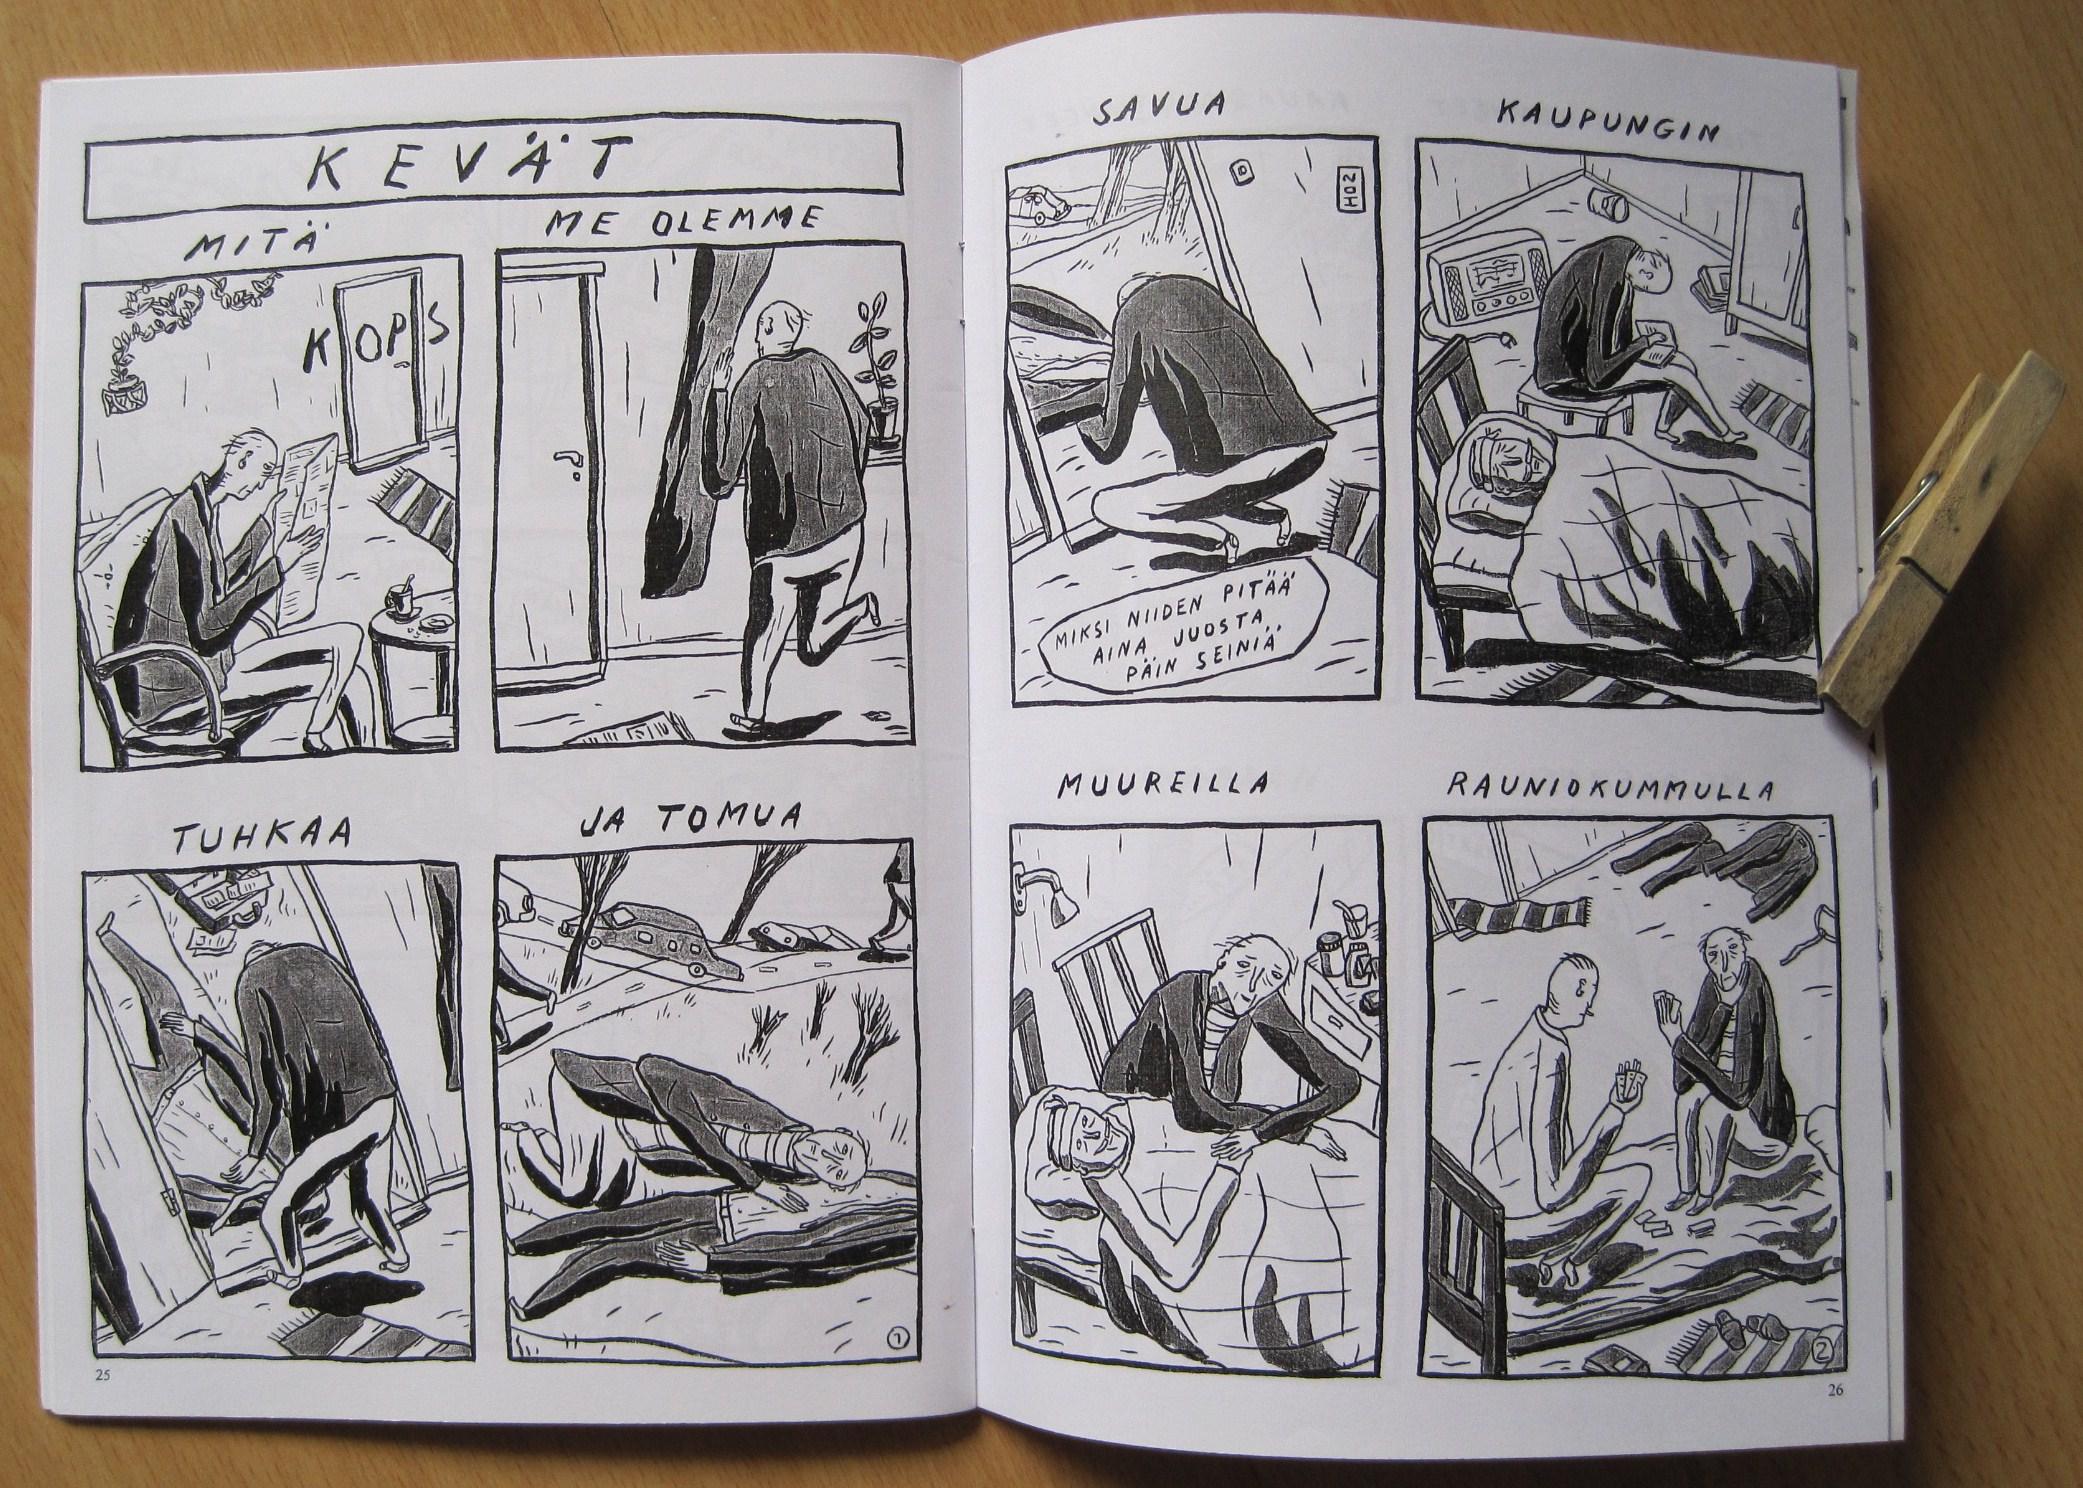 Autuaat, sivut 25 ja 26